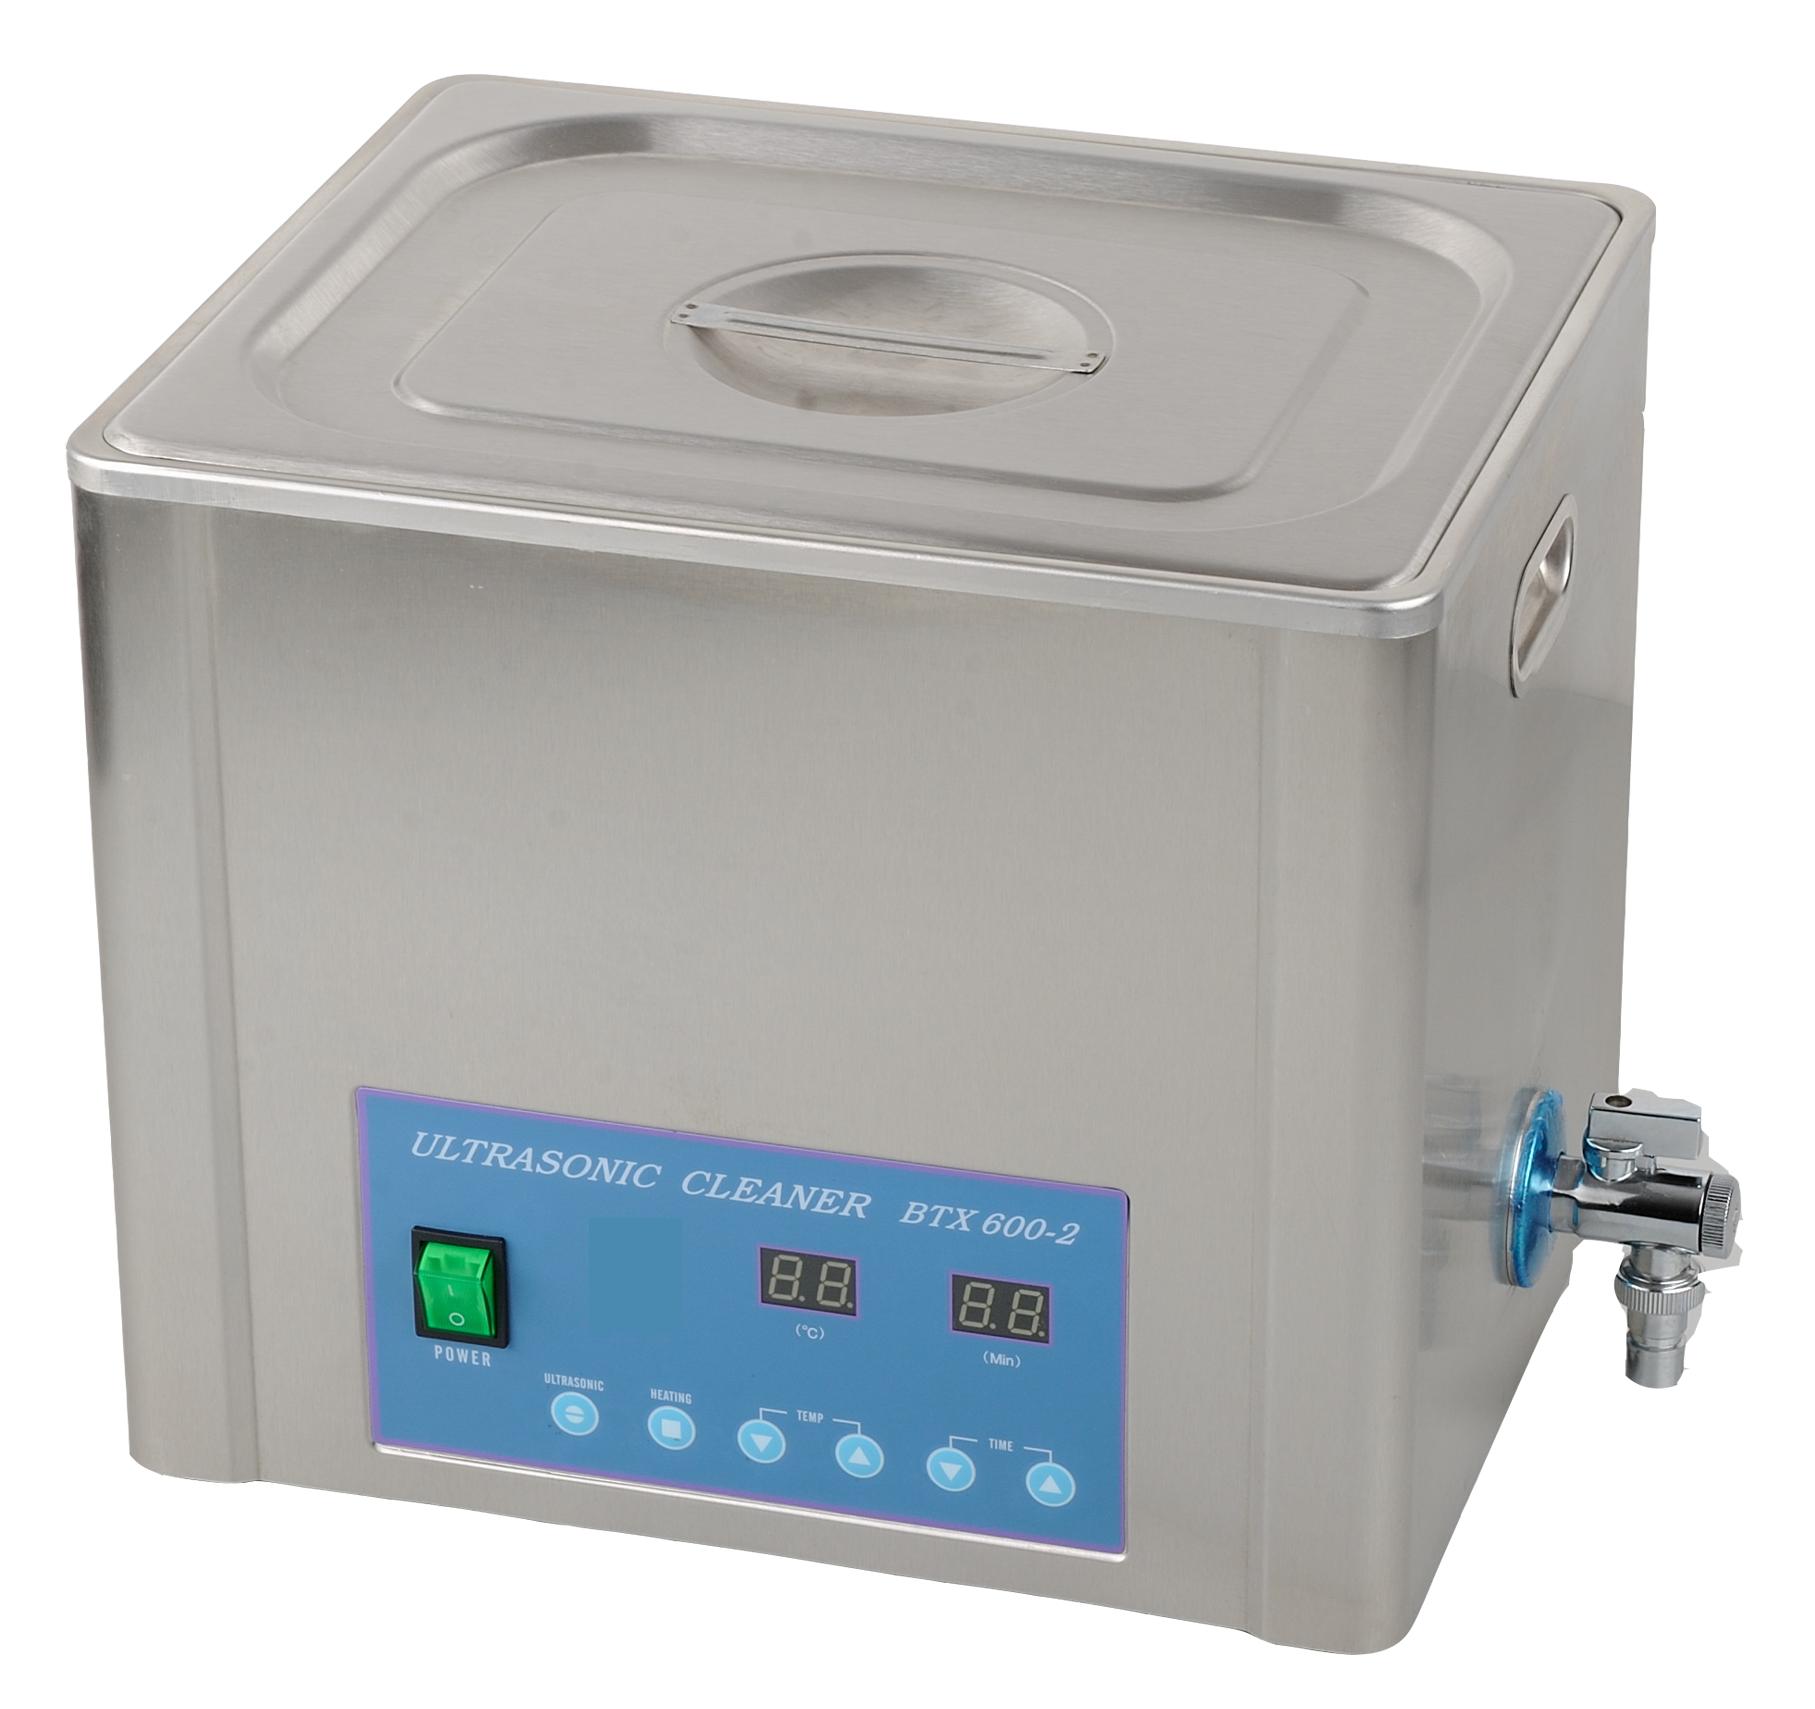 Ultrasonic Cleaner 10 litre